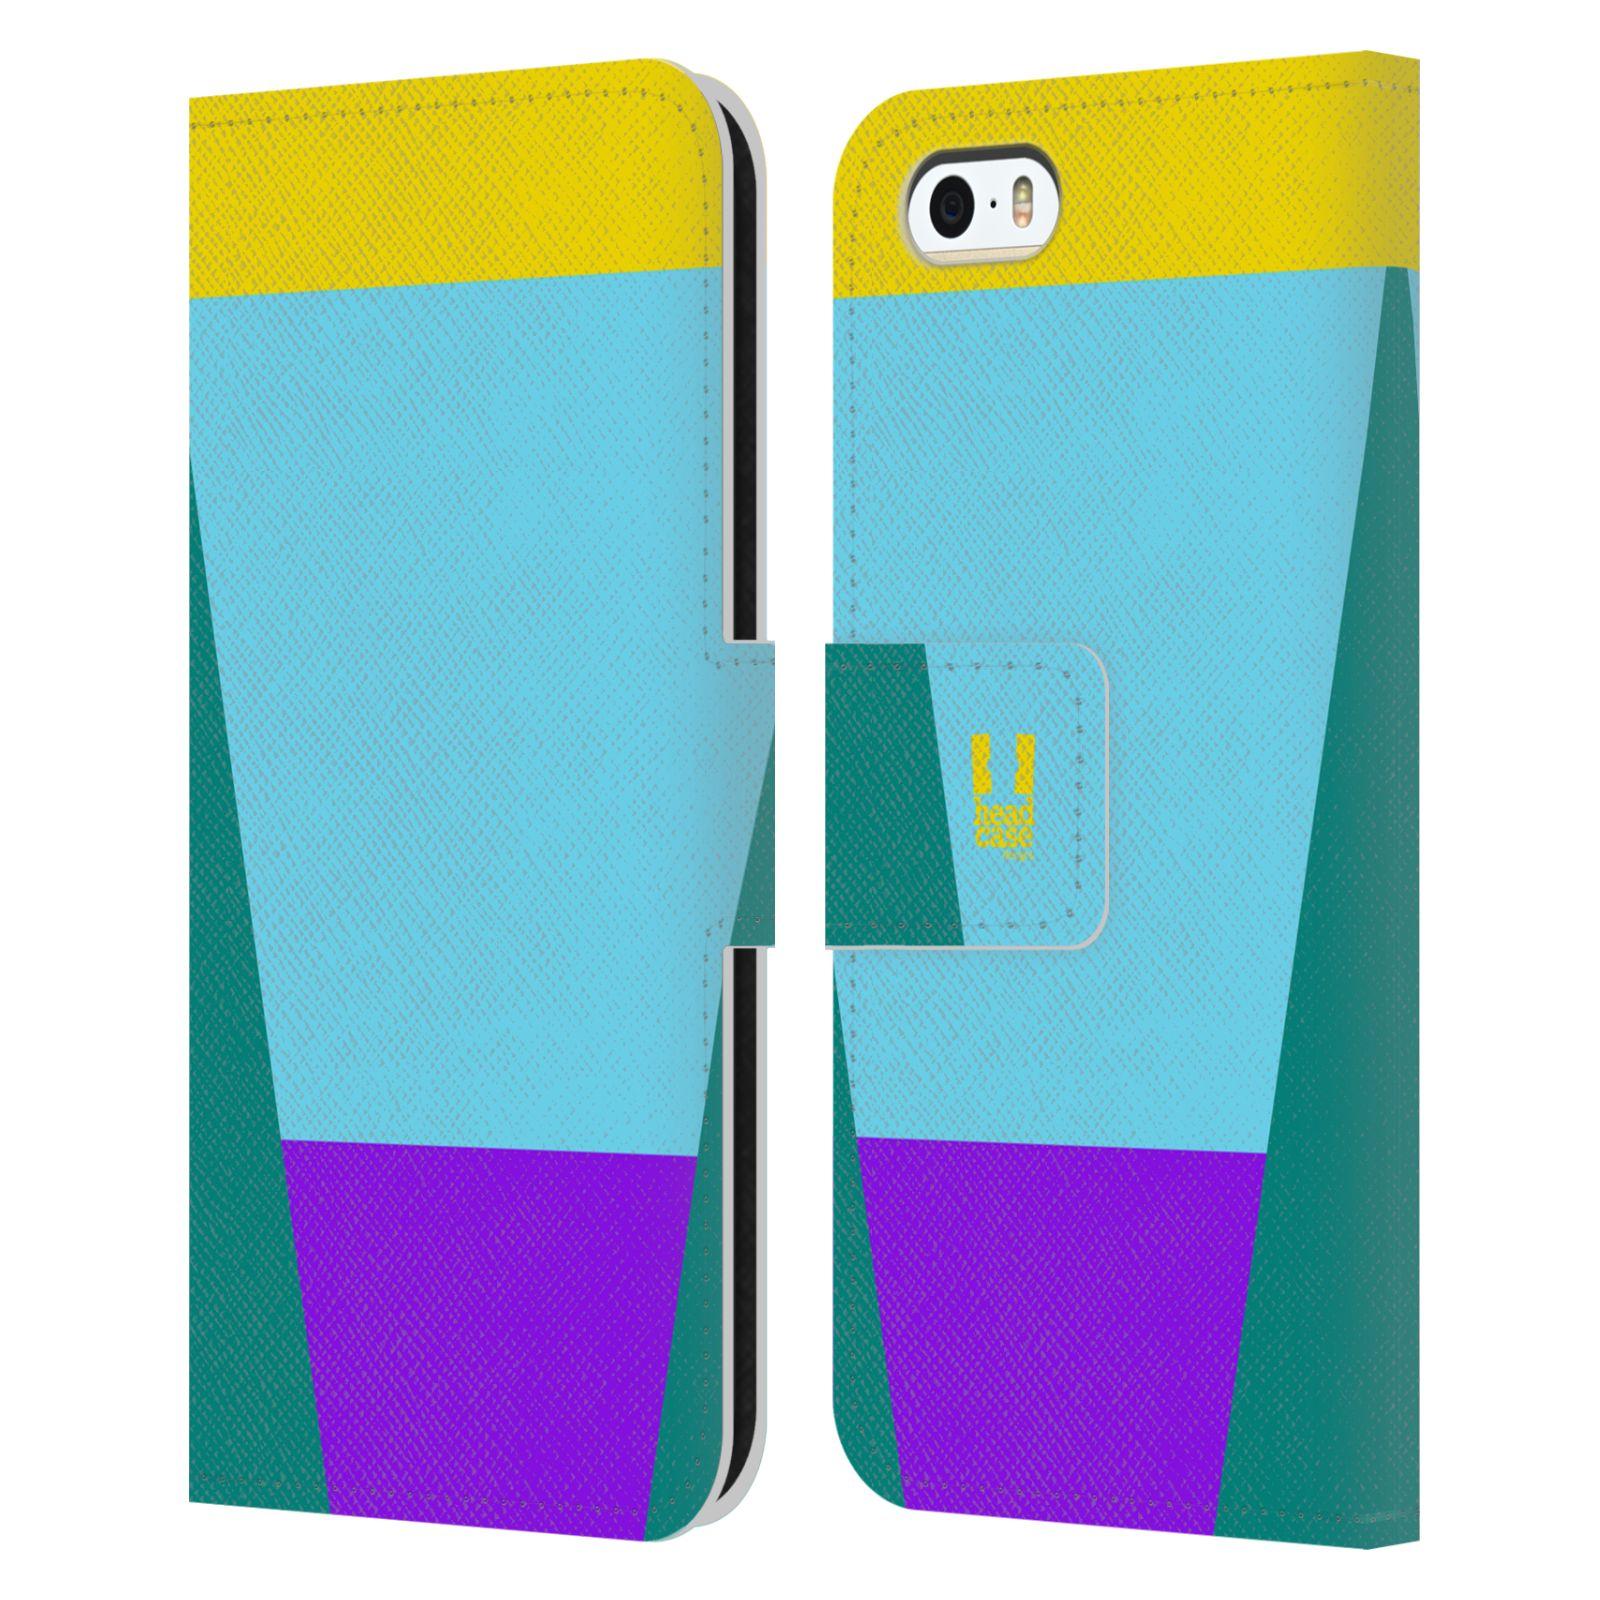 HEAD CASE Flipové pouzdro pro mobil Apple Iphone 5/5S barevné tvary nebesky modrá